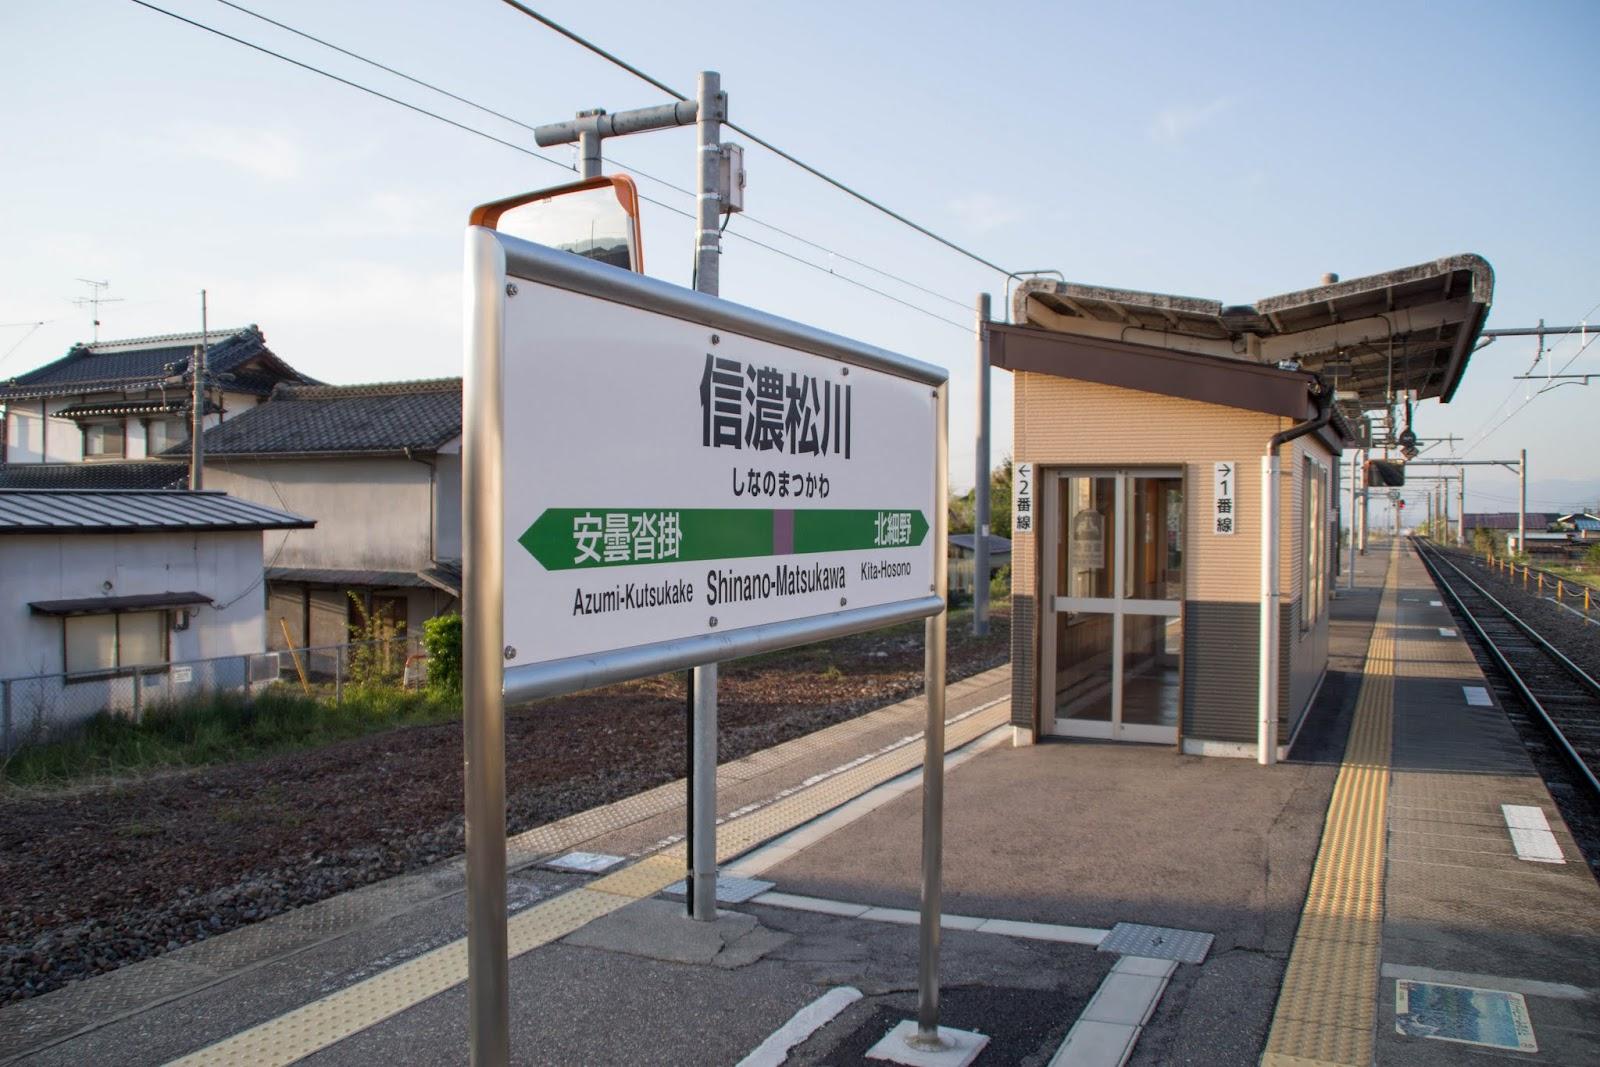 5:47 信濃松川駅到着